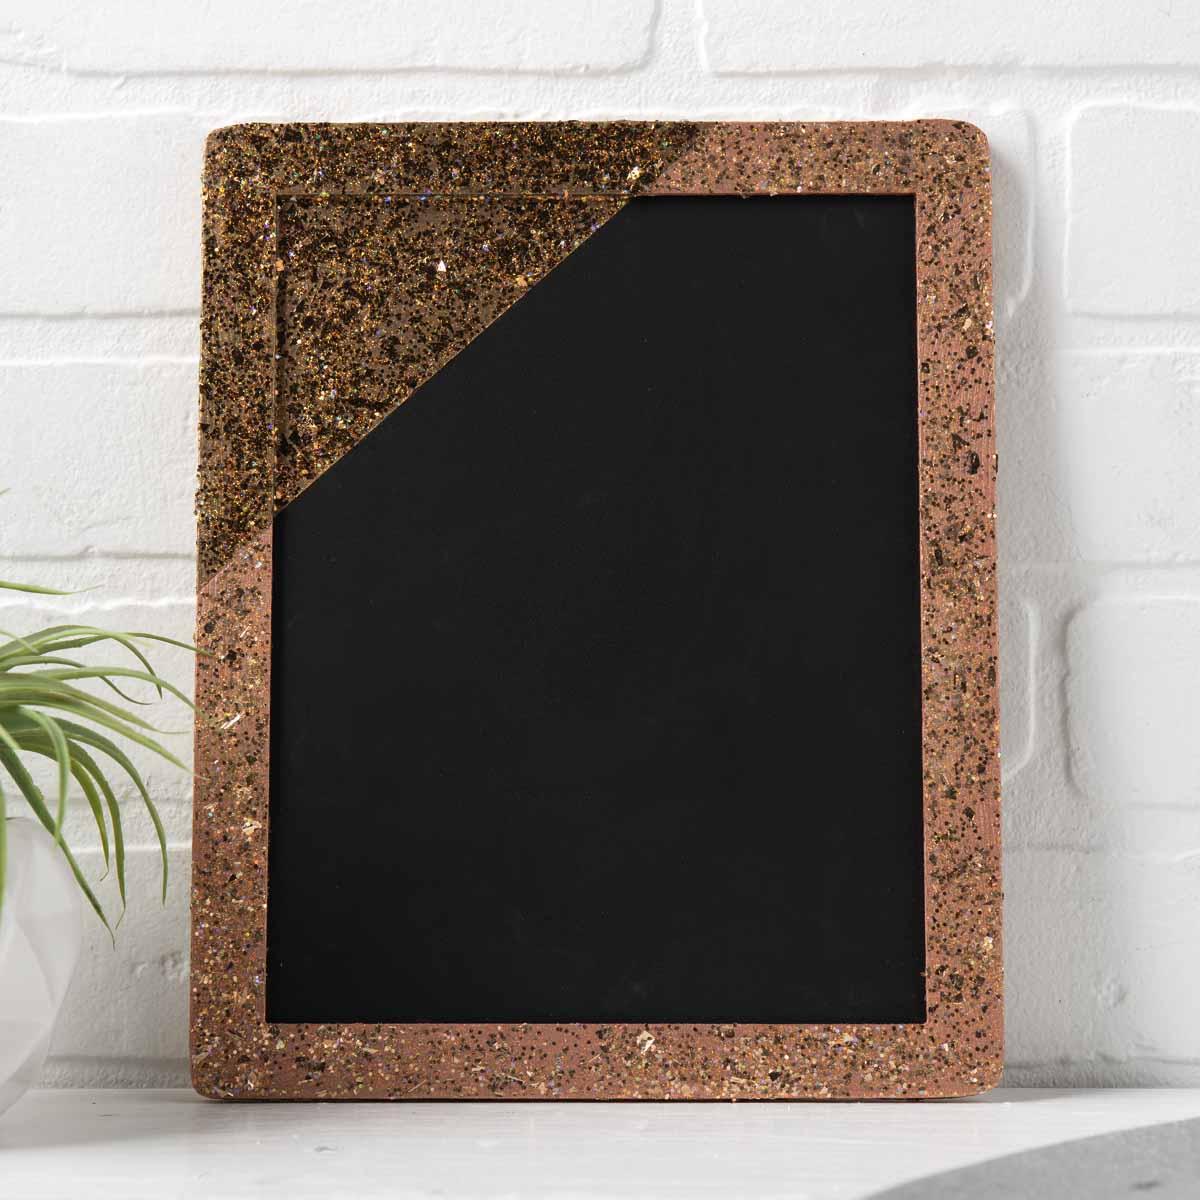 Plaid ® Wood Surfaces - Chalkboard Frame Bundle, 6 pieces - 96382